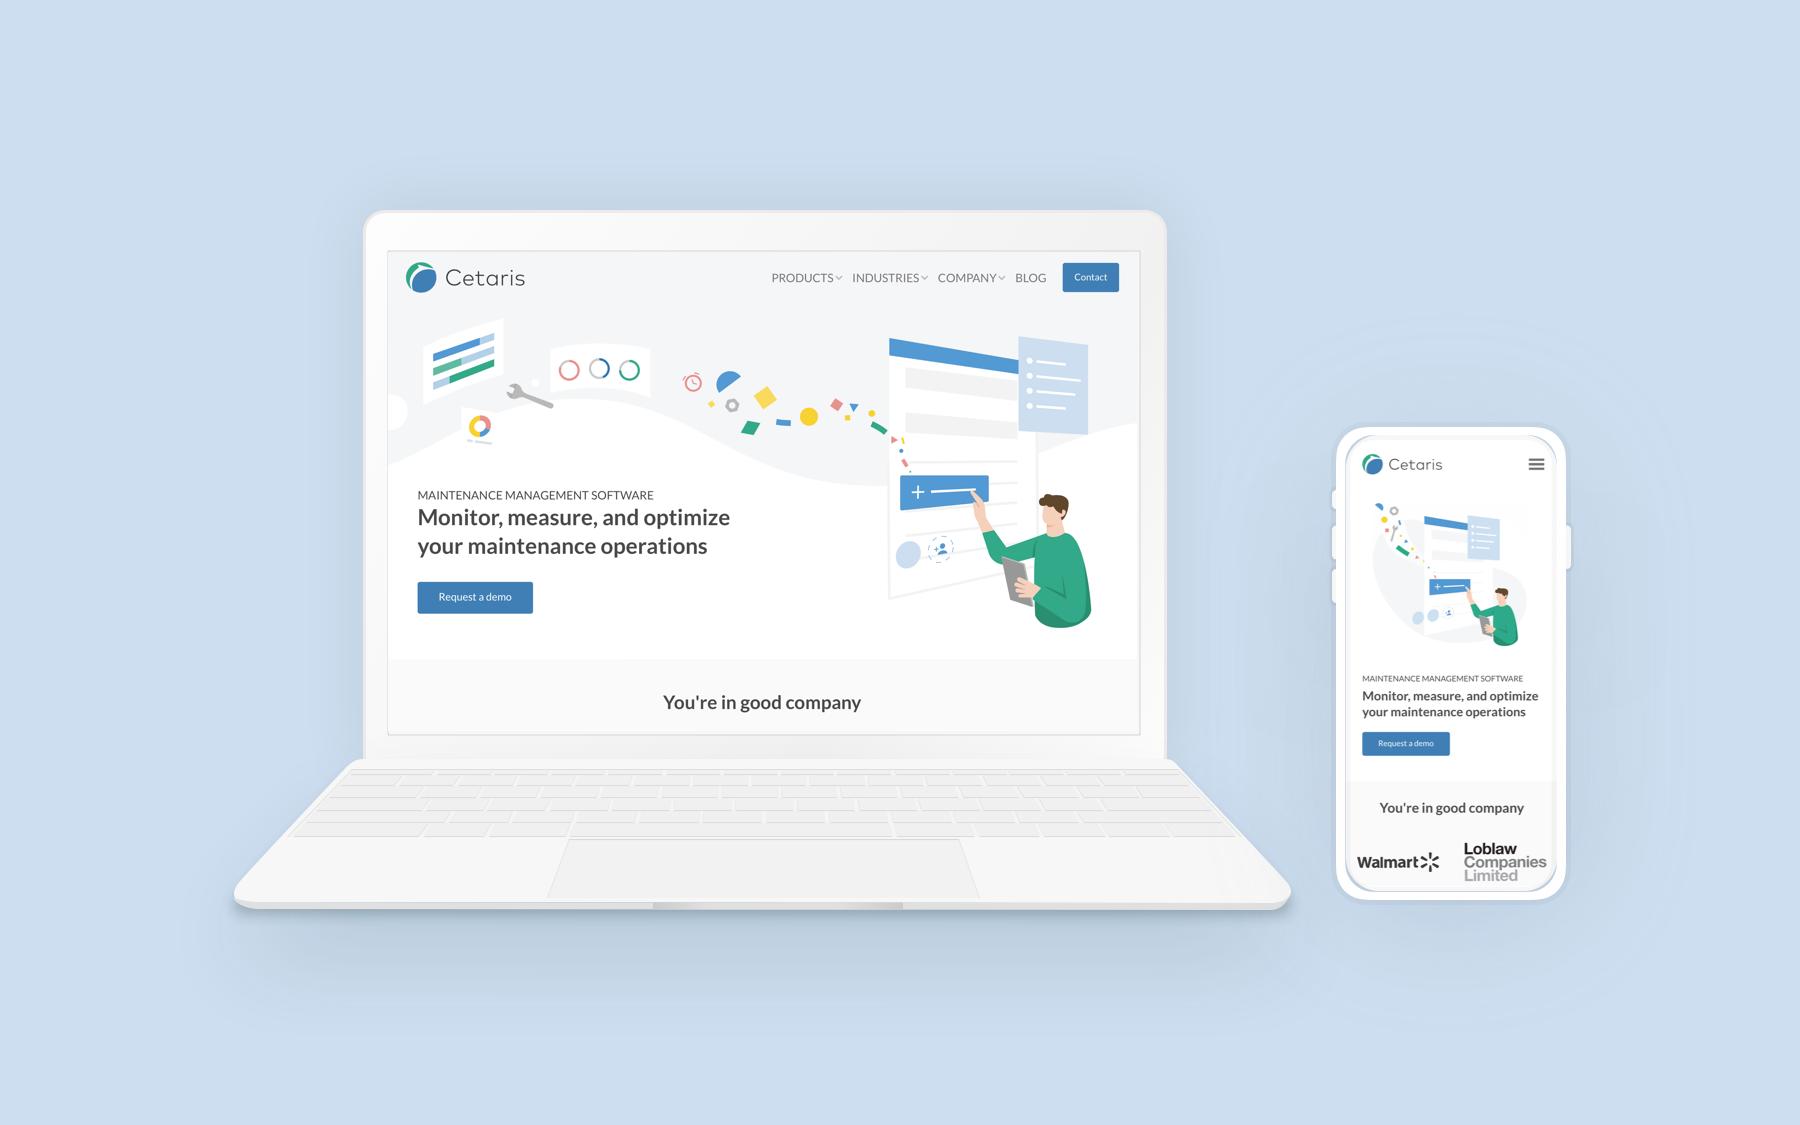 Re-designing Cetaris.com